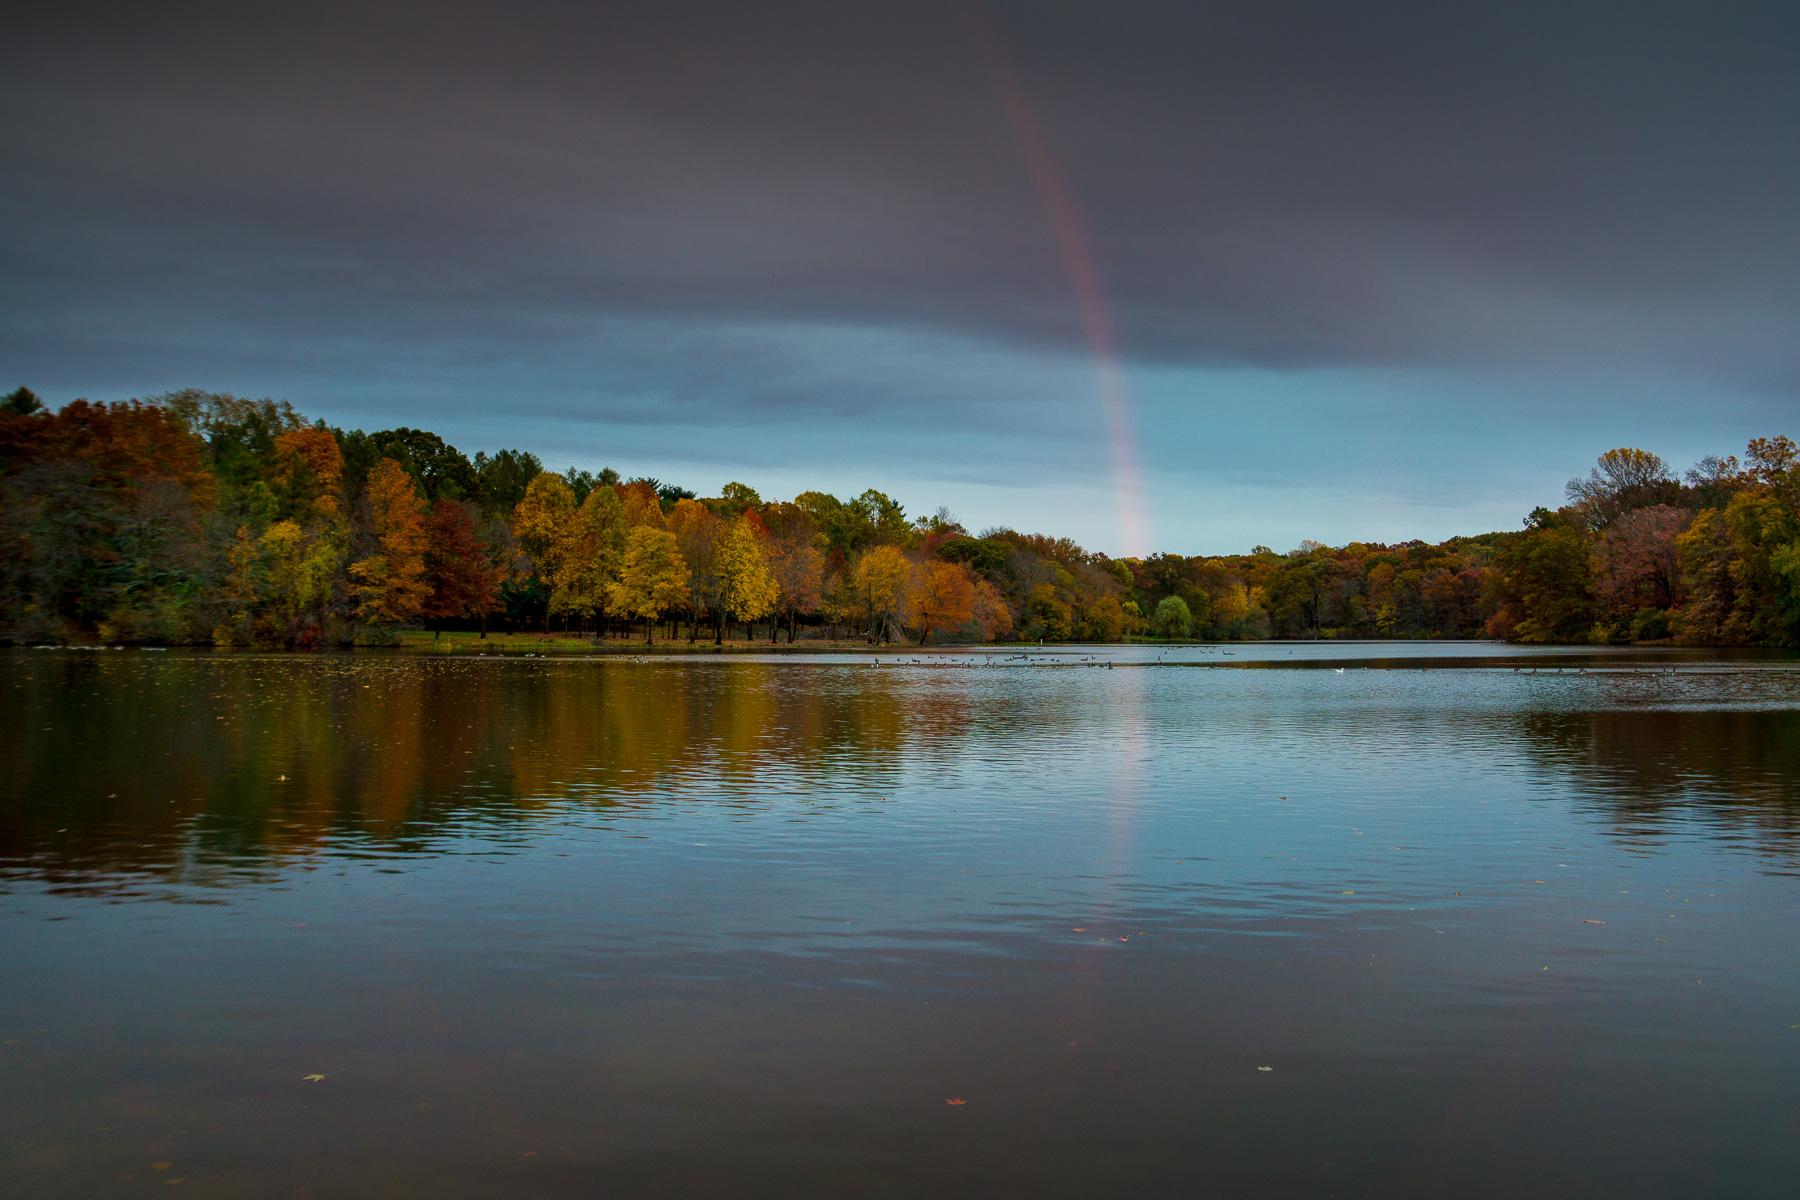 Rainbow over Lake Topanemus